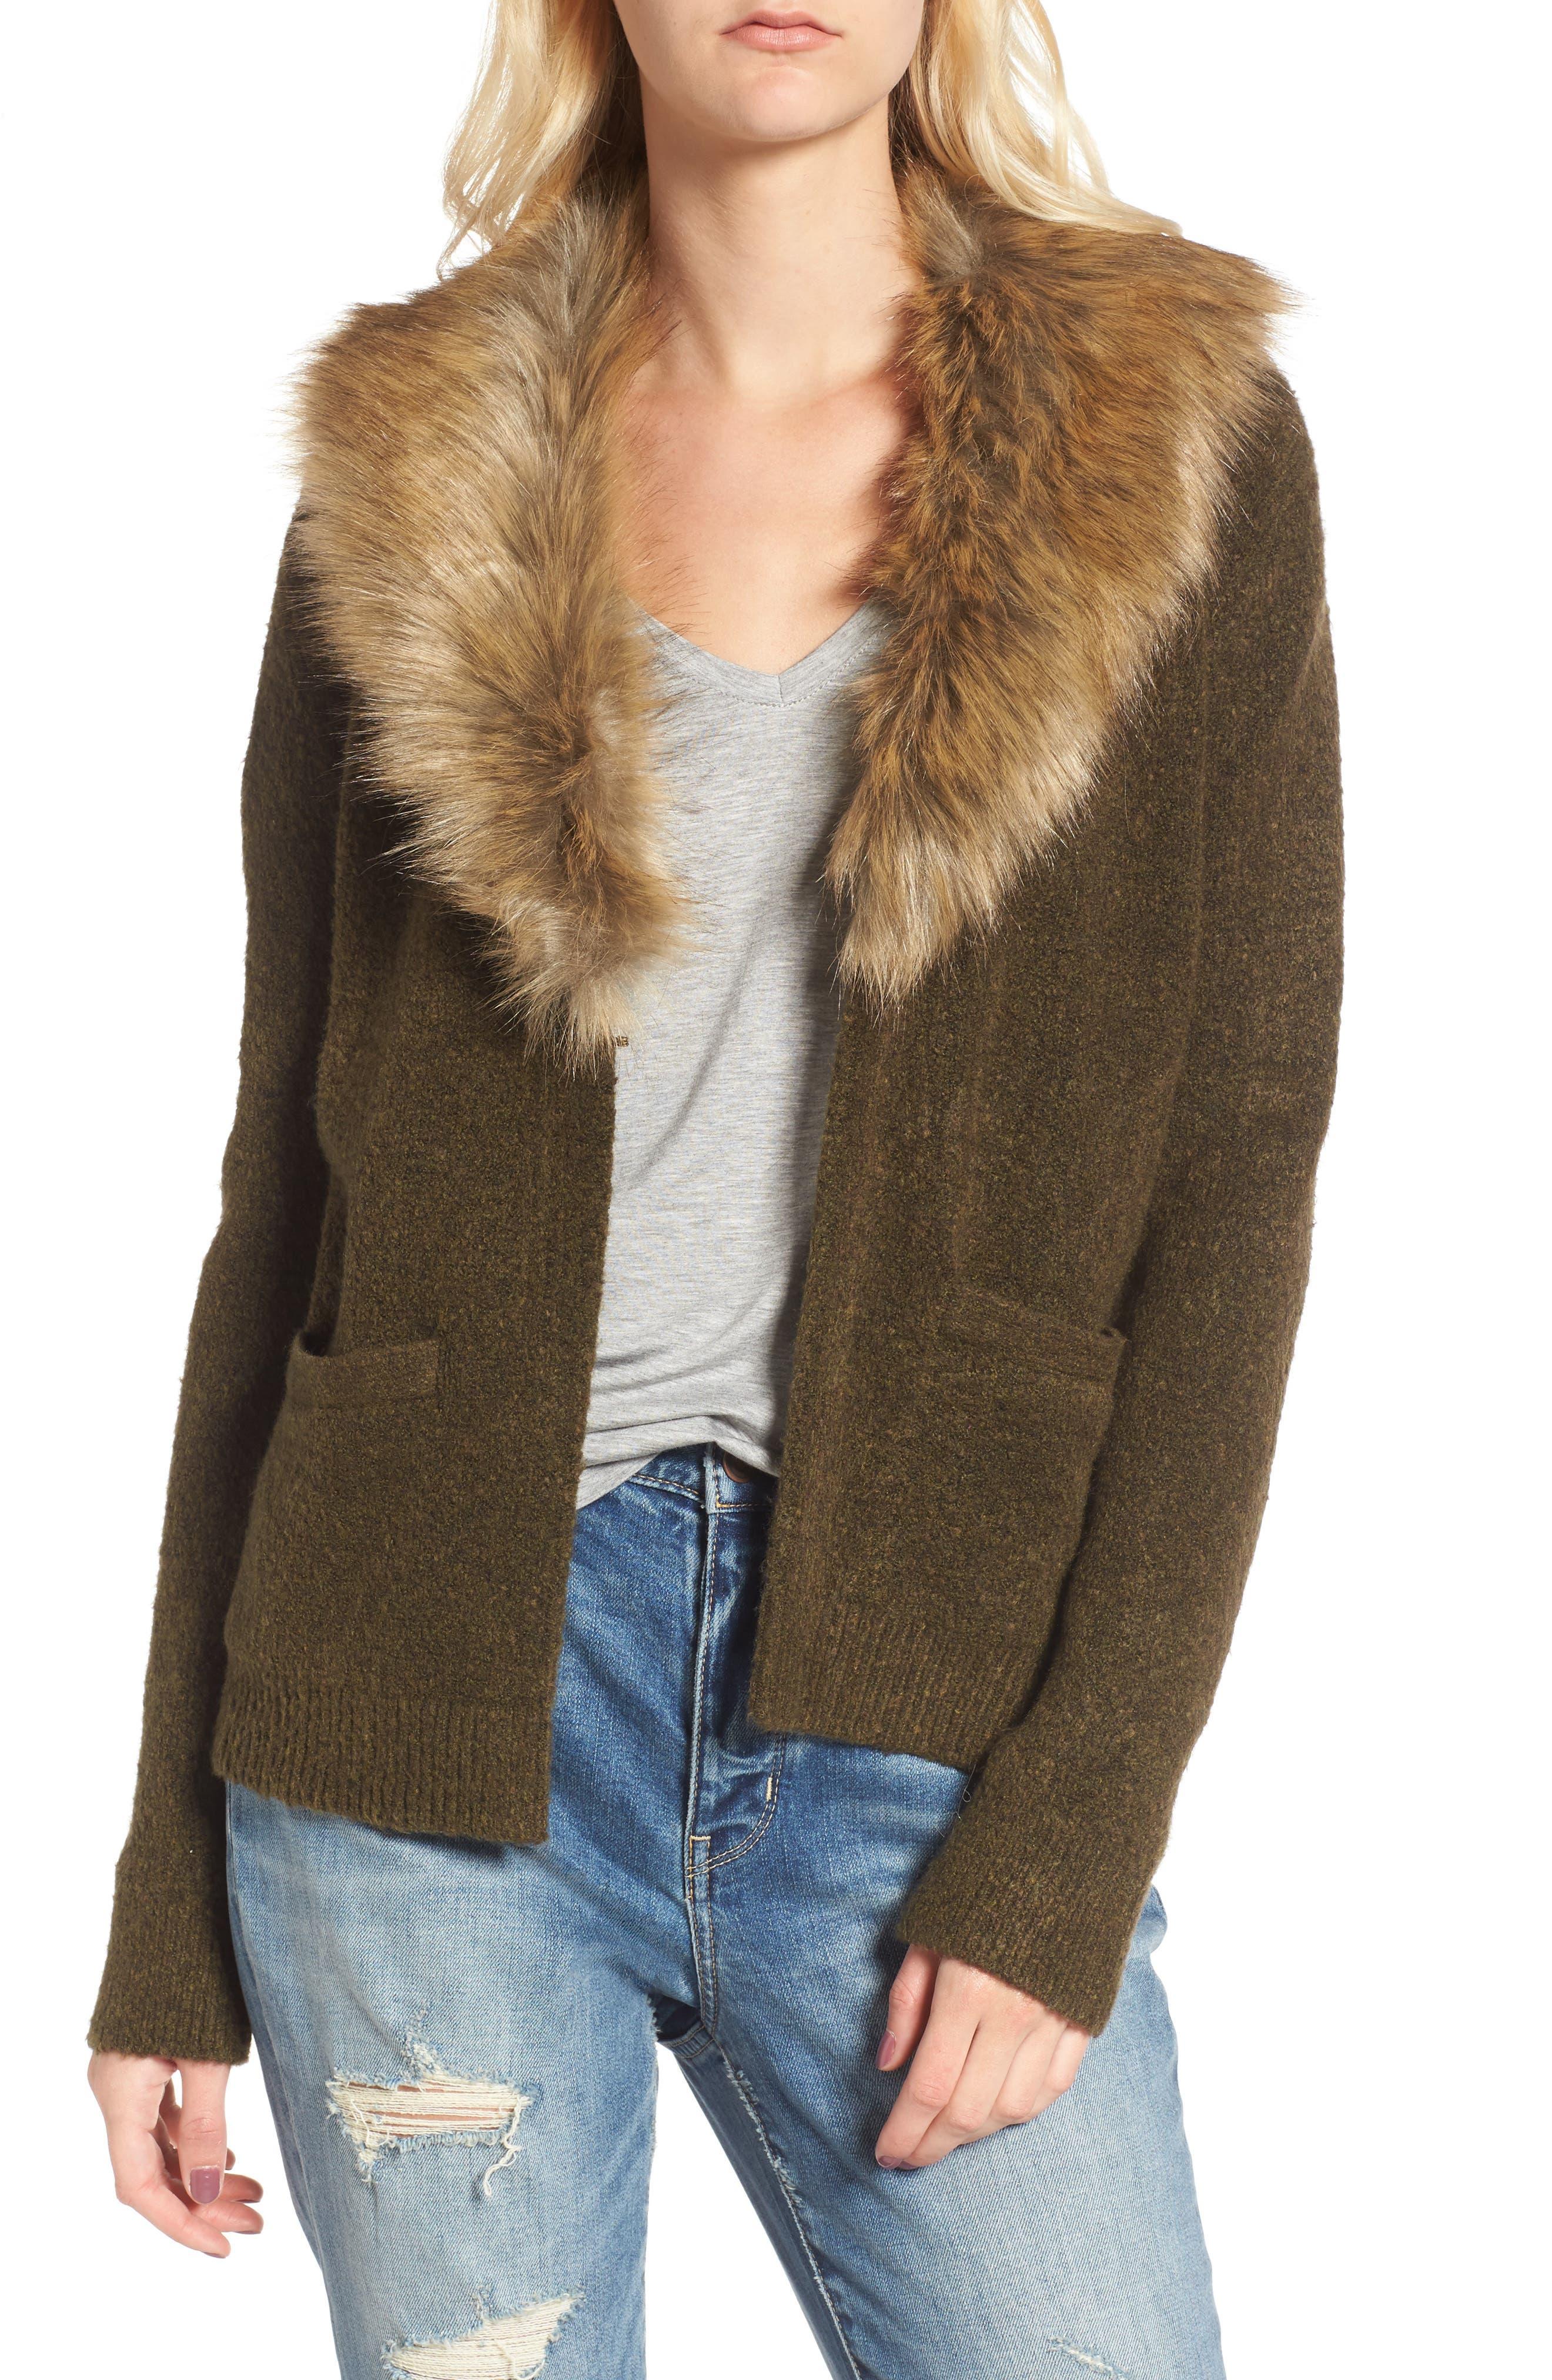 Alternate Image 1 Selected - Hinge Faux Fur Collar Cardigan